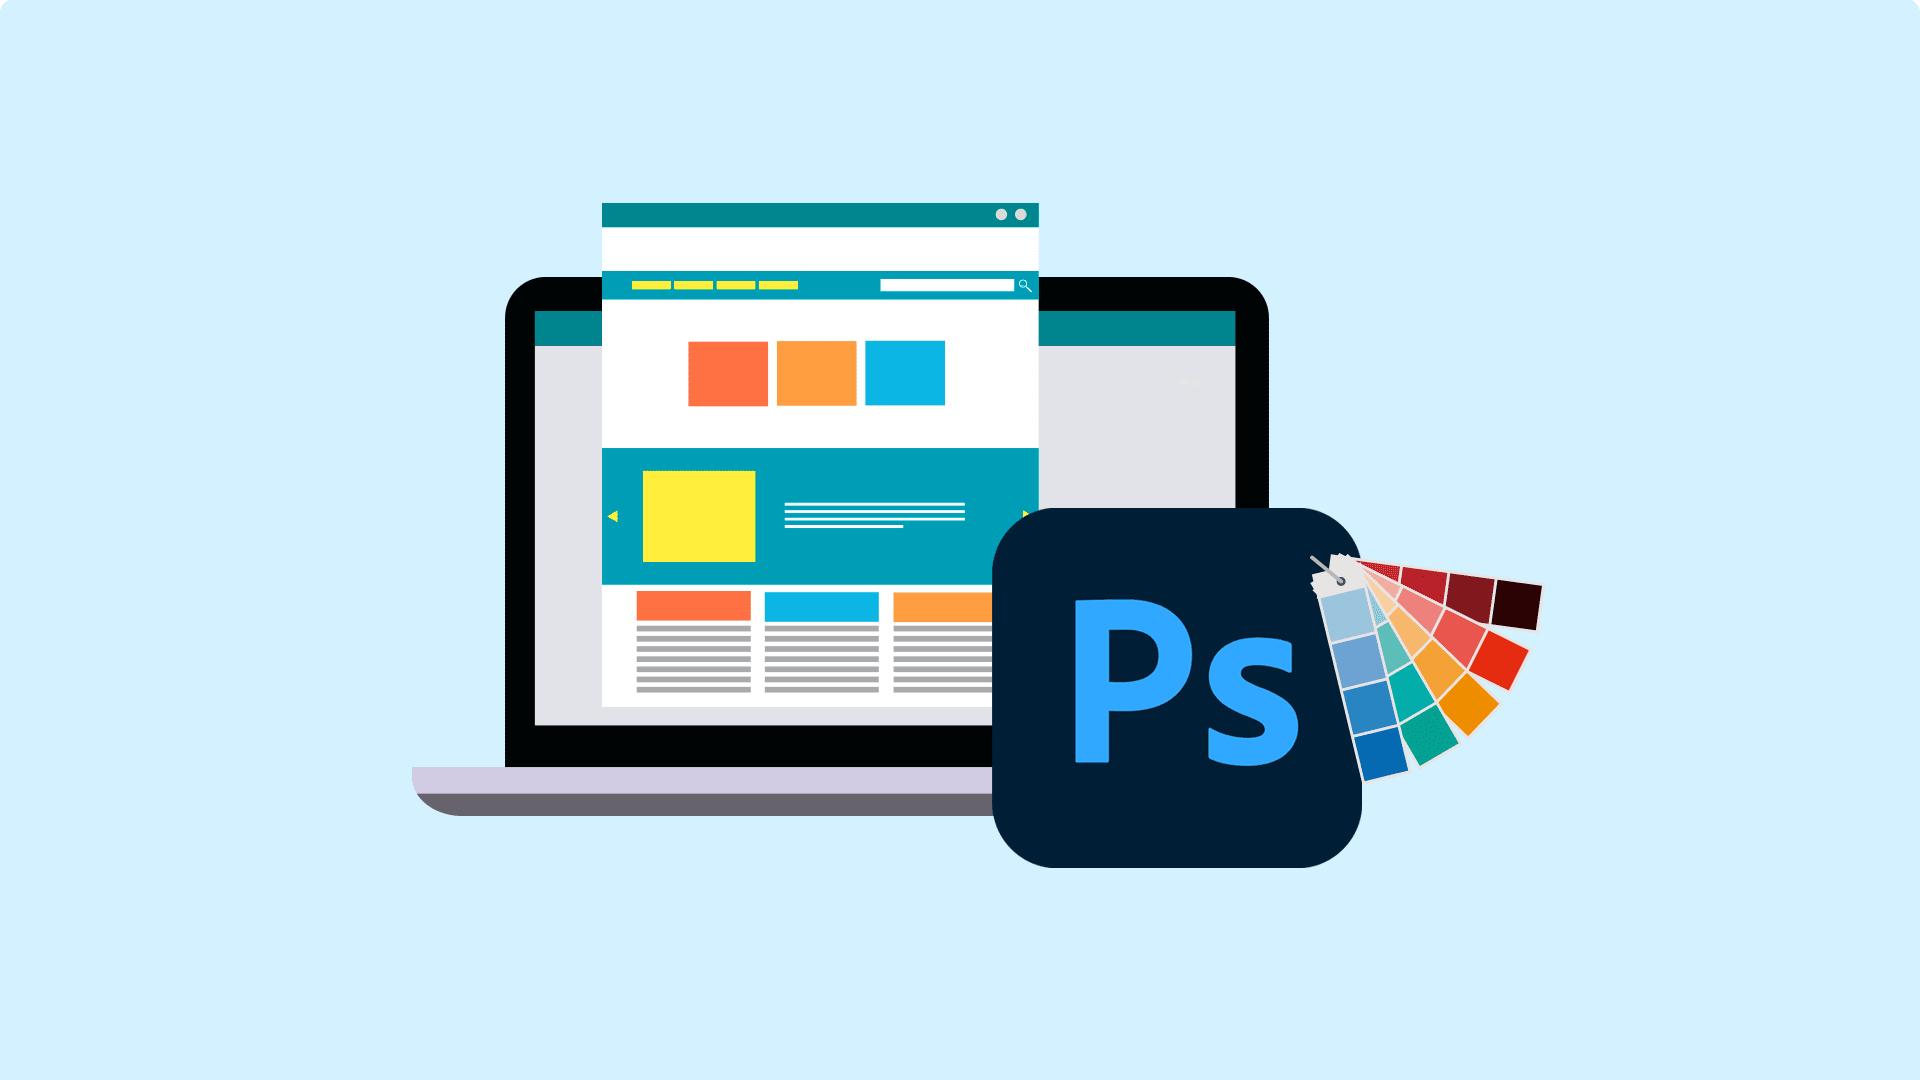 آموزش طراحی قالب سایت با فتوشاپ – صفر تا صد